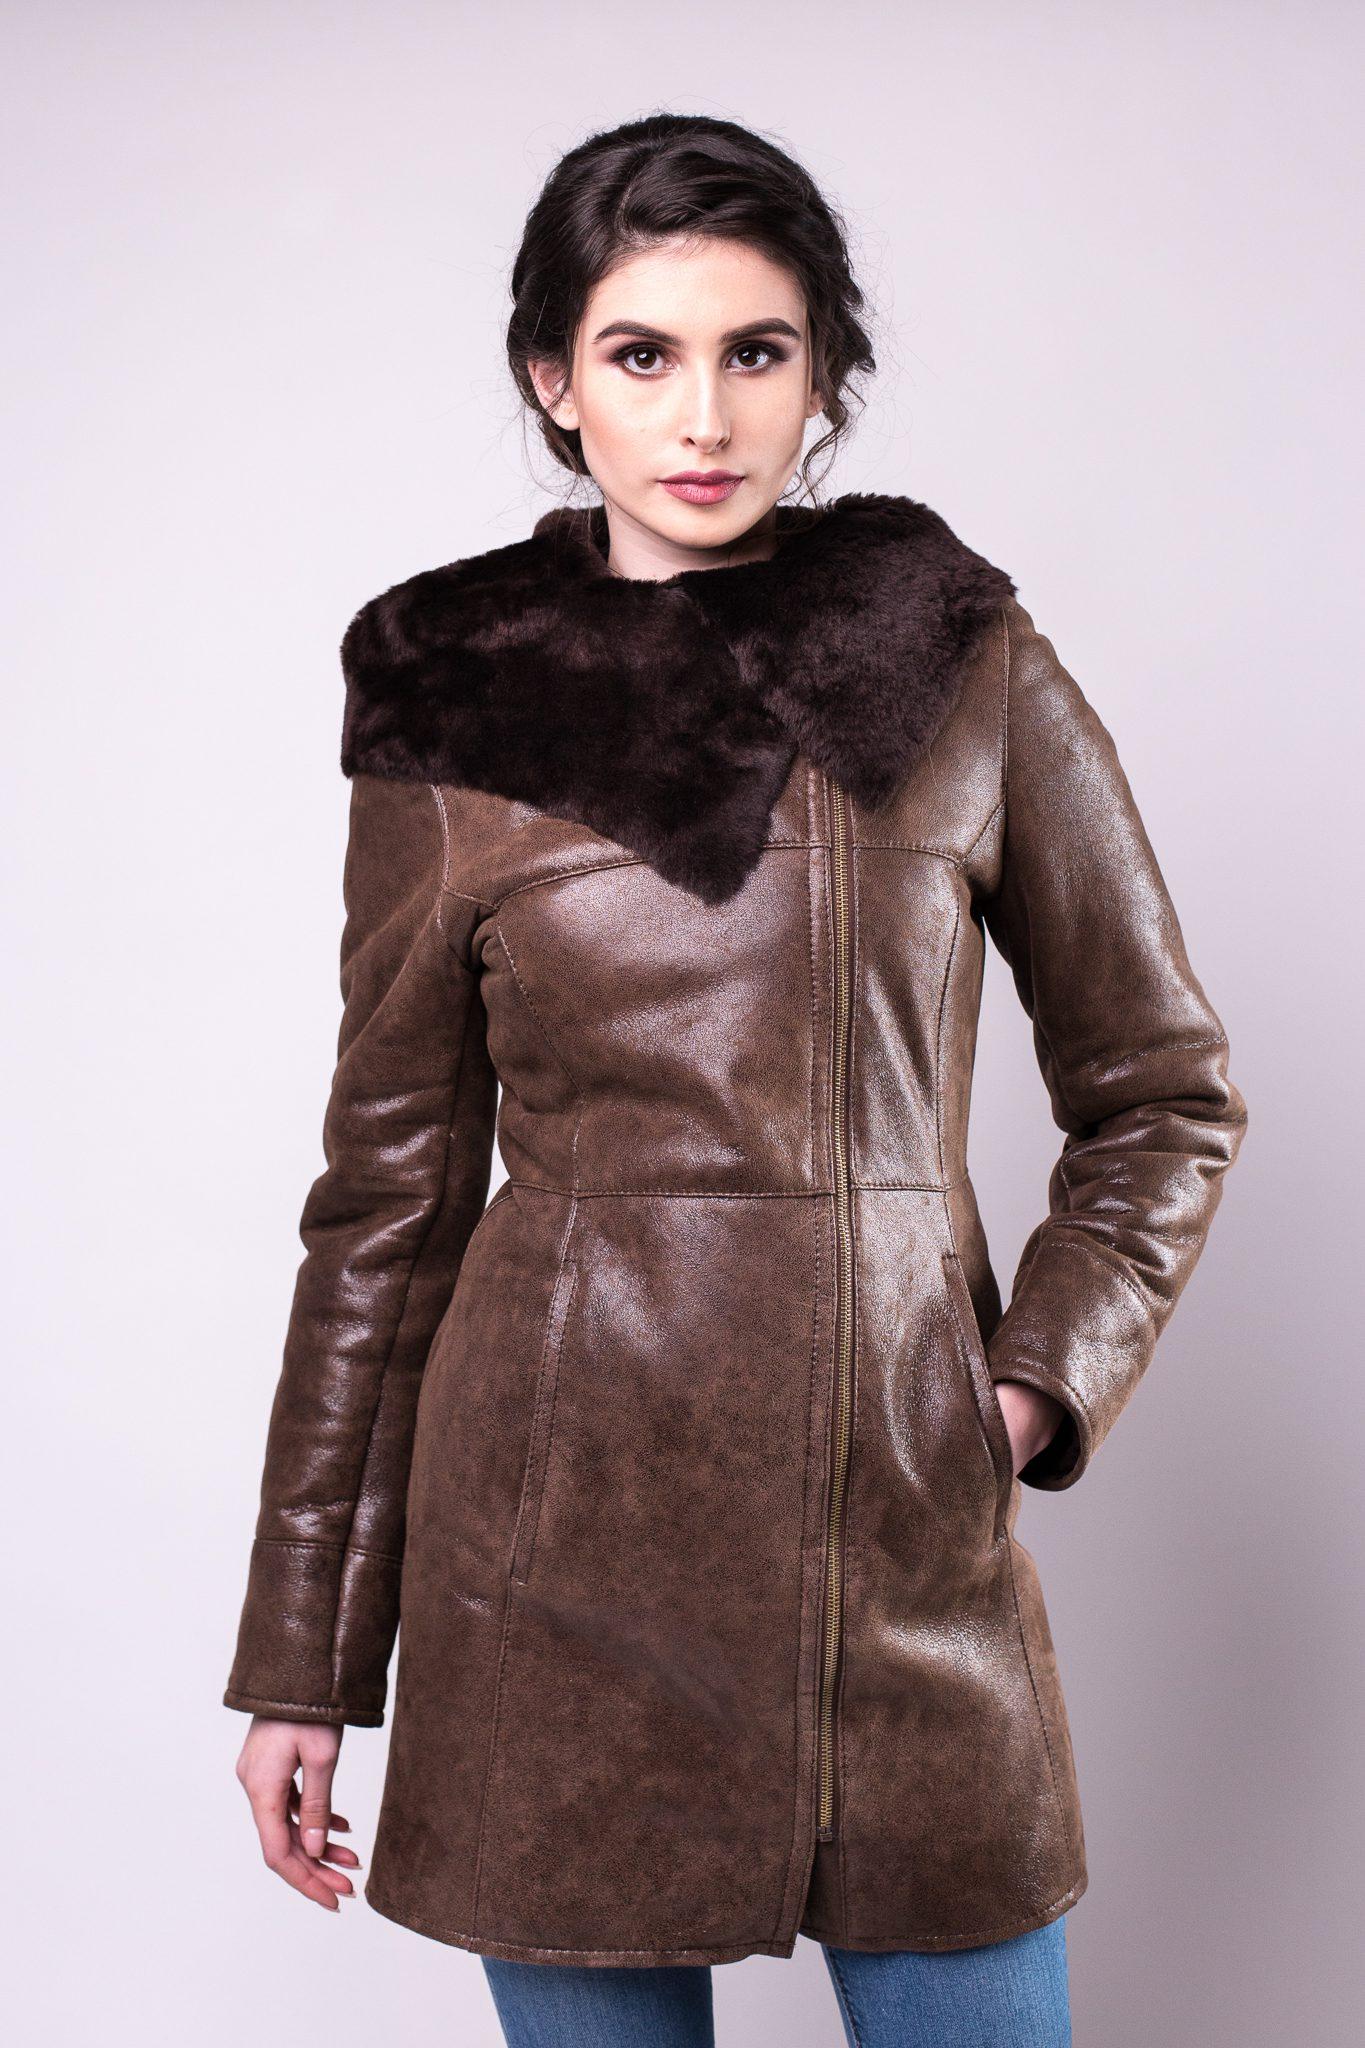 Haina de blana pentru femei model Alis maro